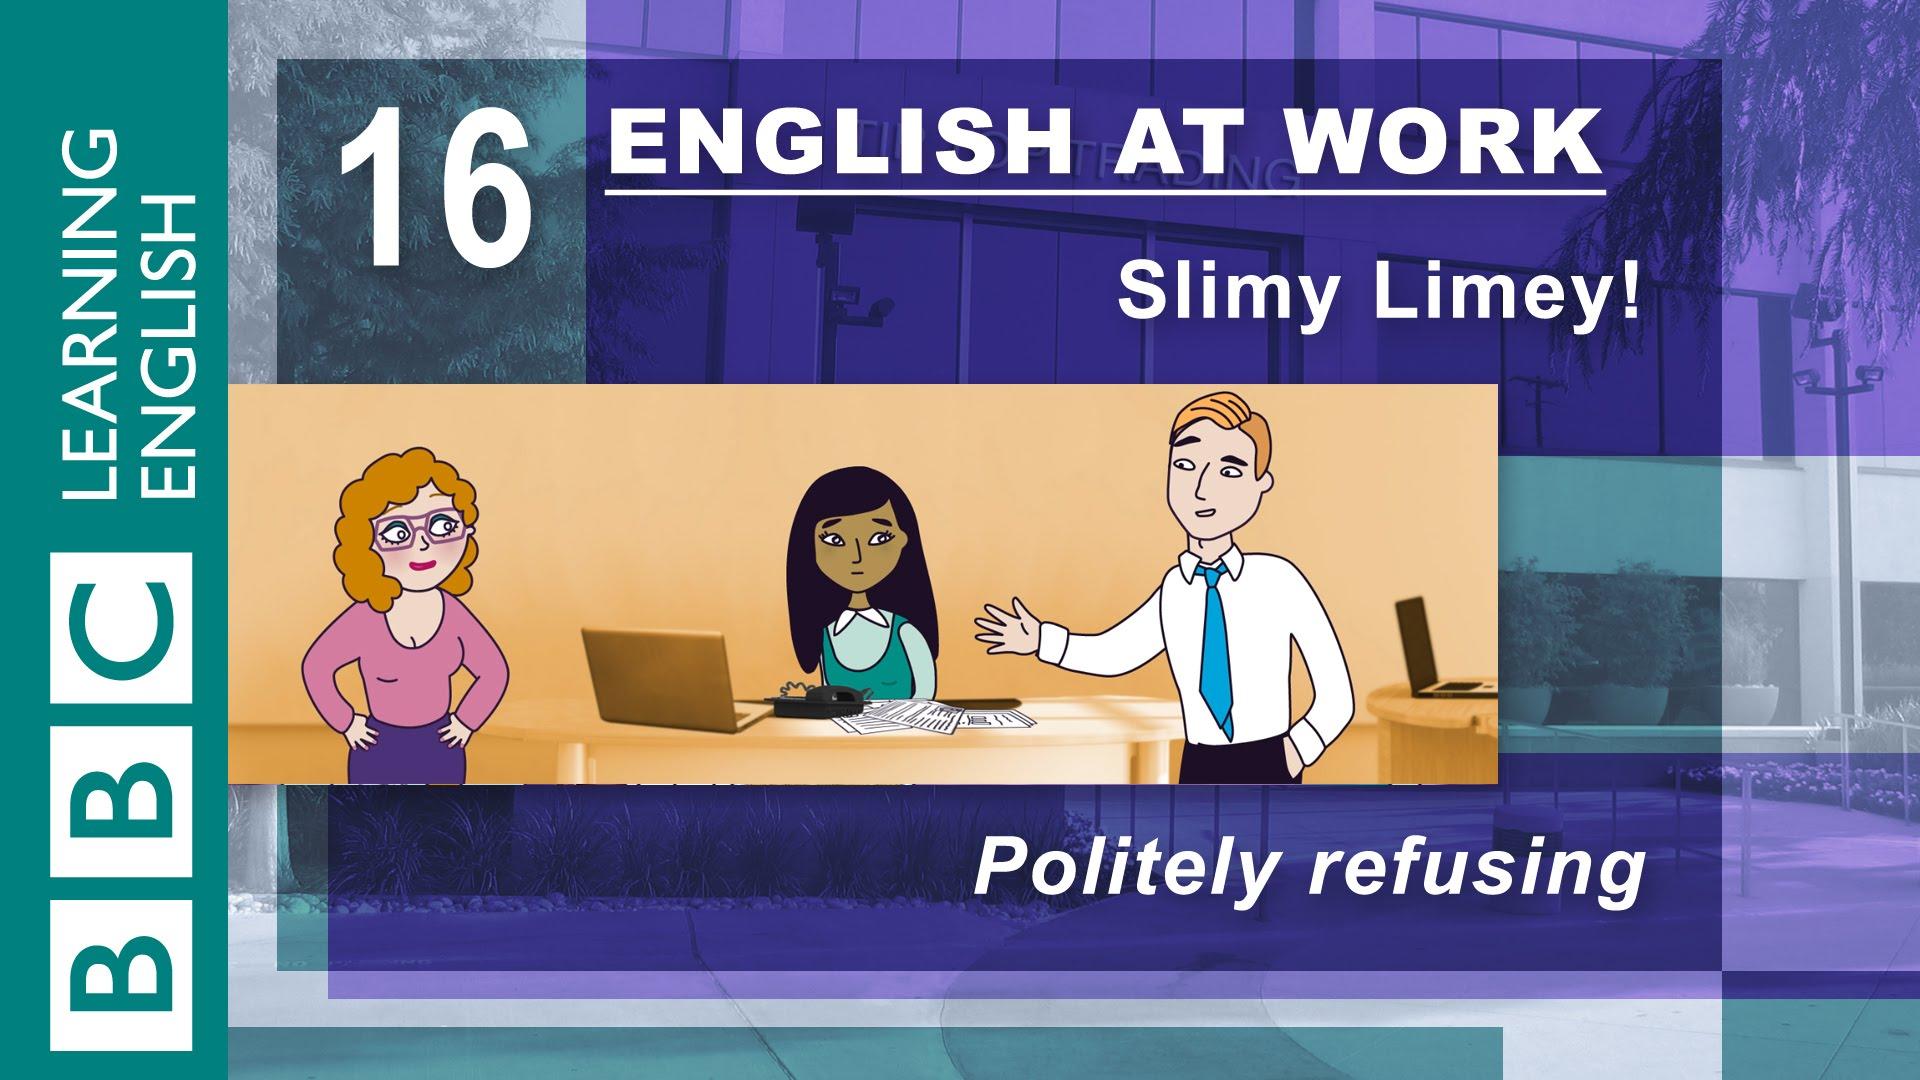 超實用商業英語會話,教你不會得罪人的拒絕話術